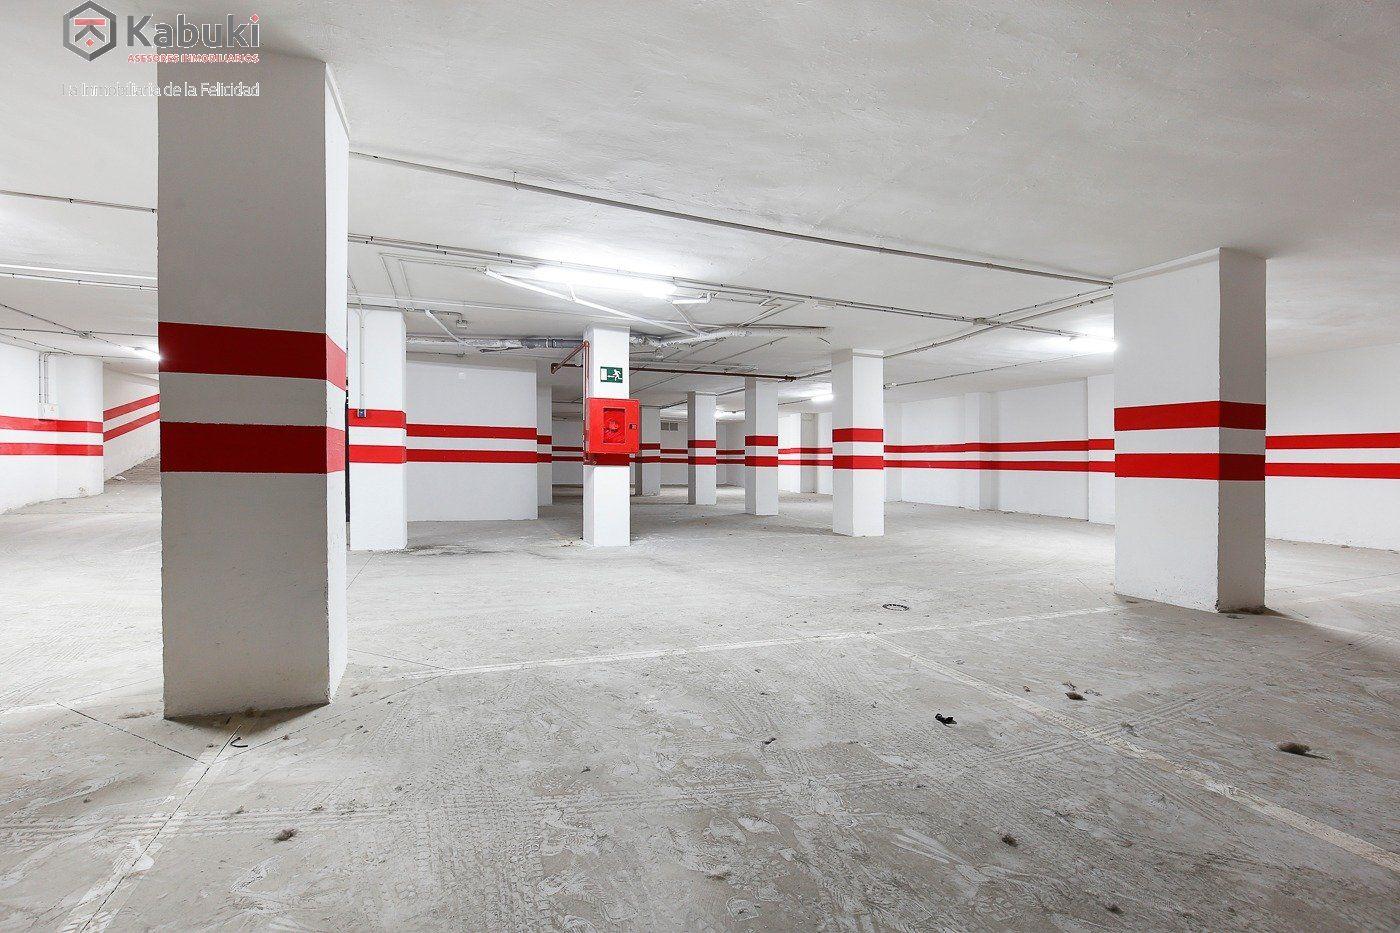 Si estas cansado de dar vueltas con el coche, tenemos fantástica plaza de garaje con trast - imagenInmueble5